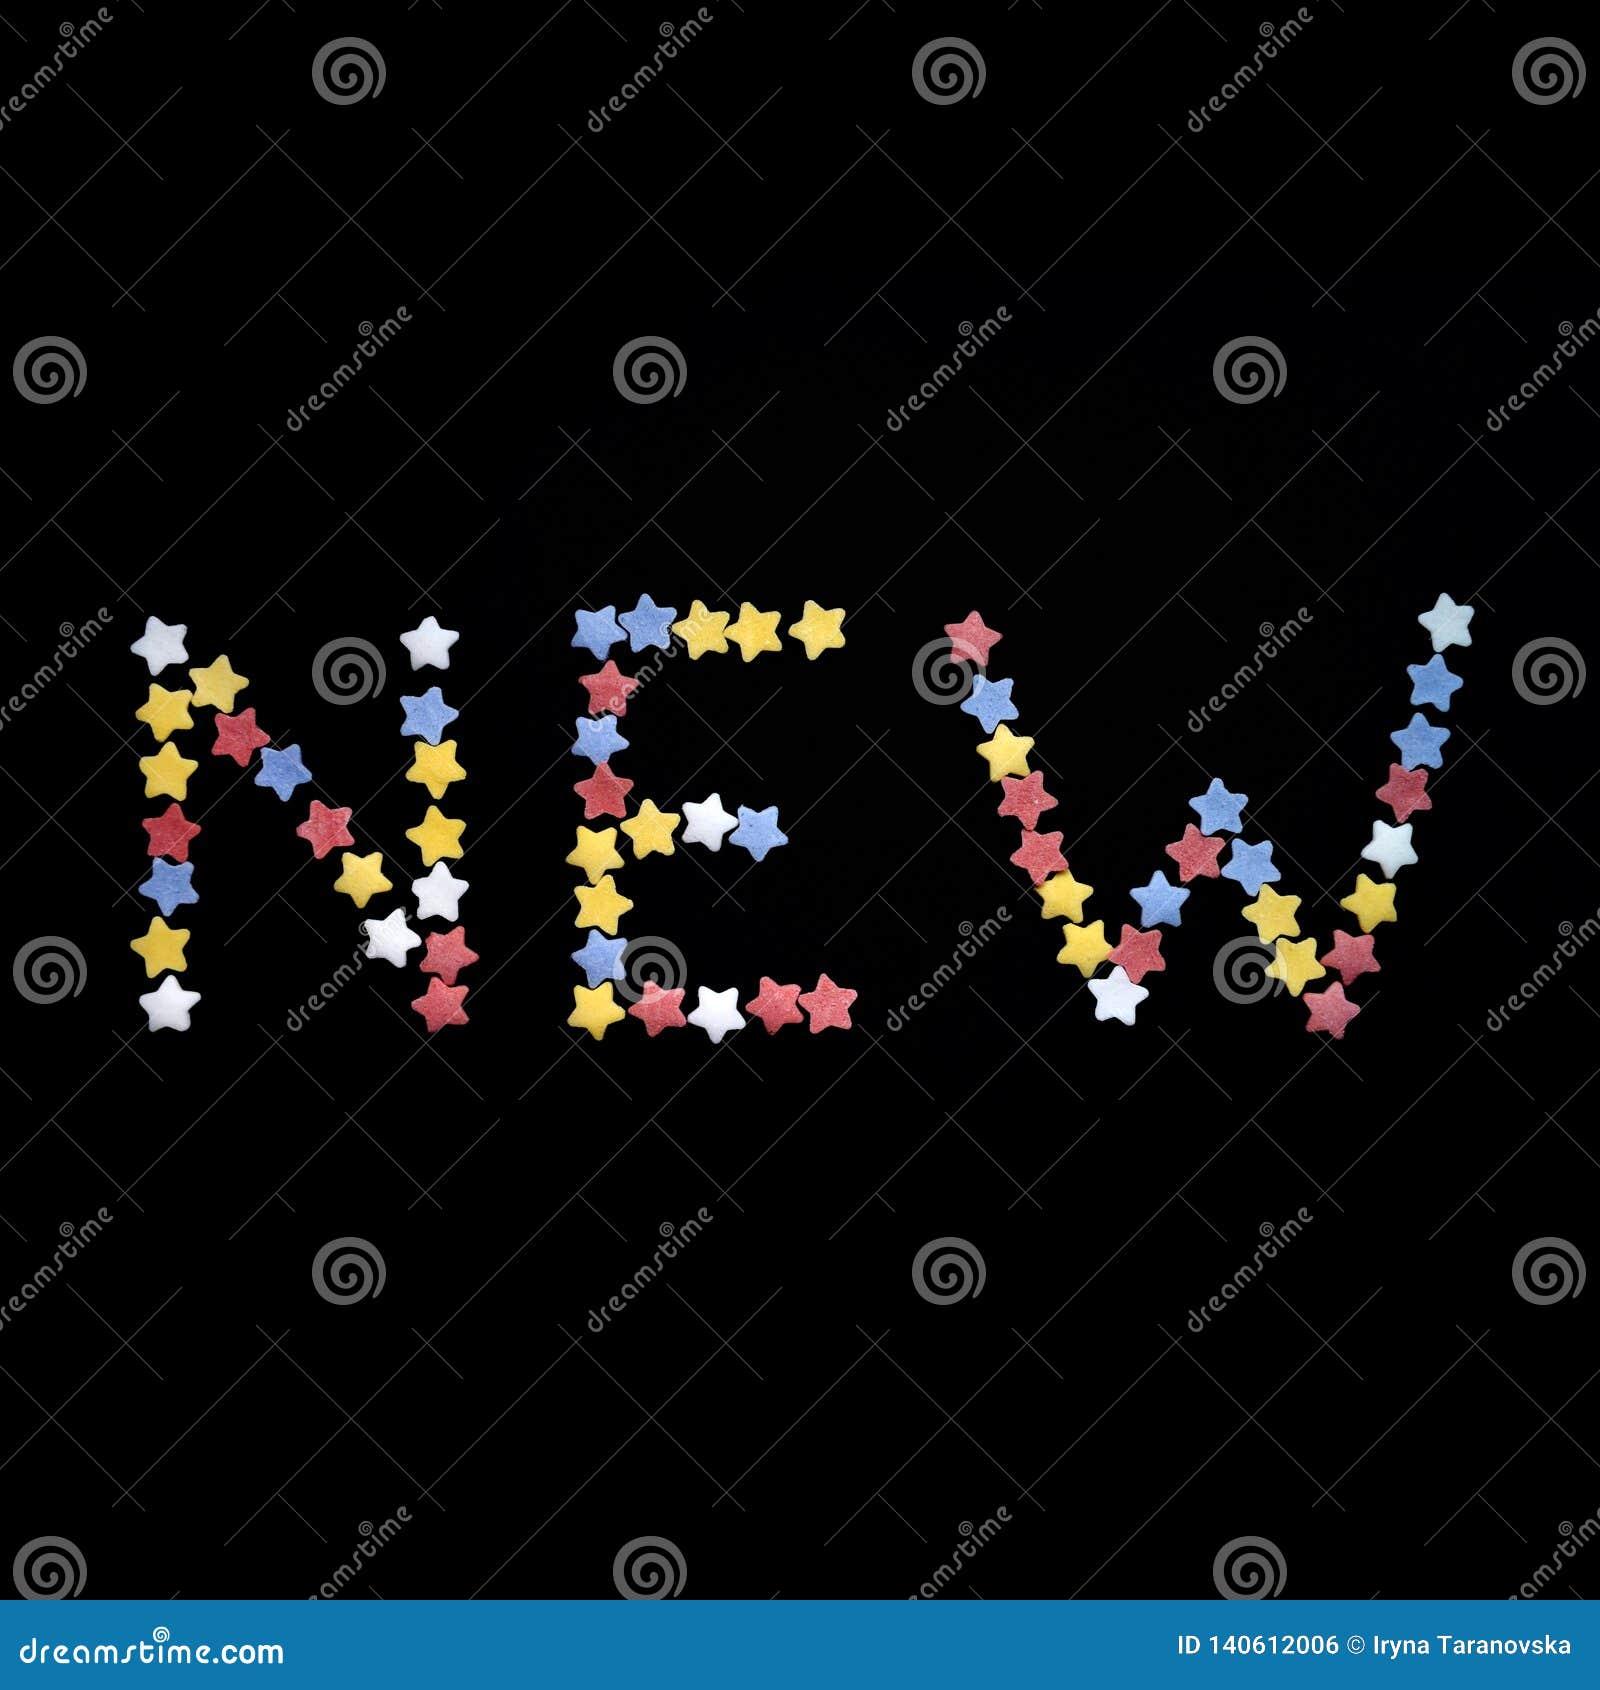 Η λέξη νέα γράφεται στον παχύ τύπο αστεριών ζύμης ζάχαρης σε ένα μαύρο υπόβαθρο, για το εμπόριο, τις πωλήσεις στο τετράγωνο